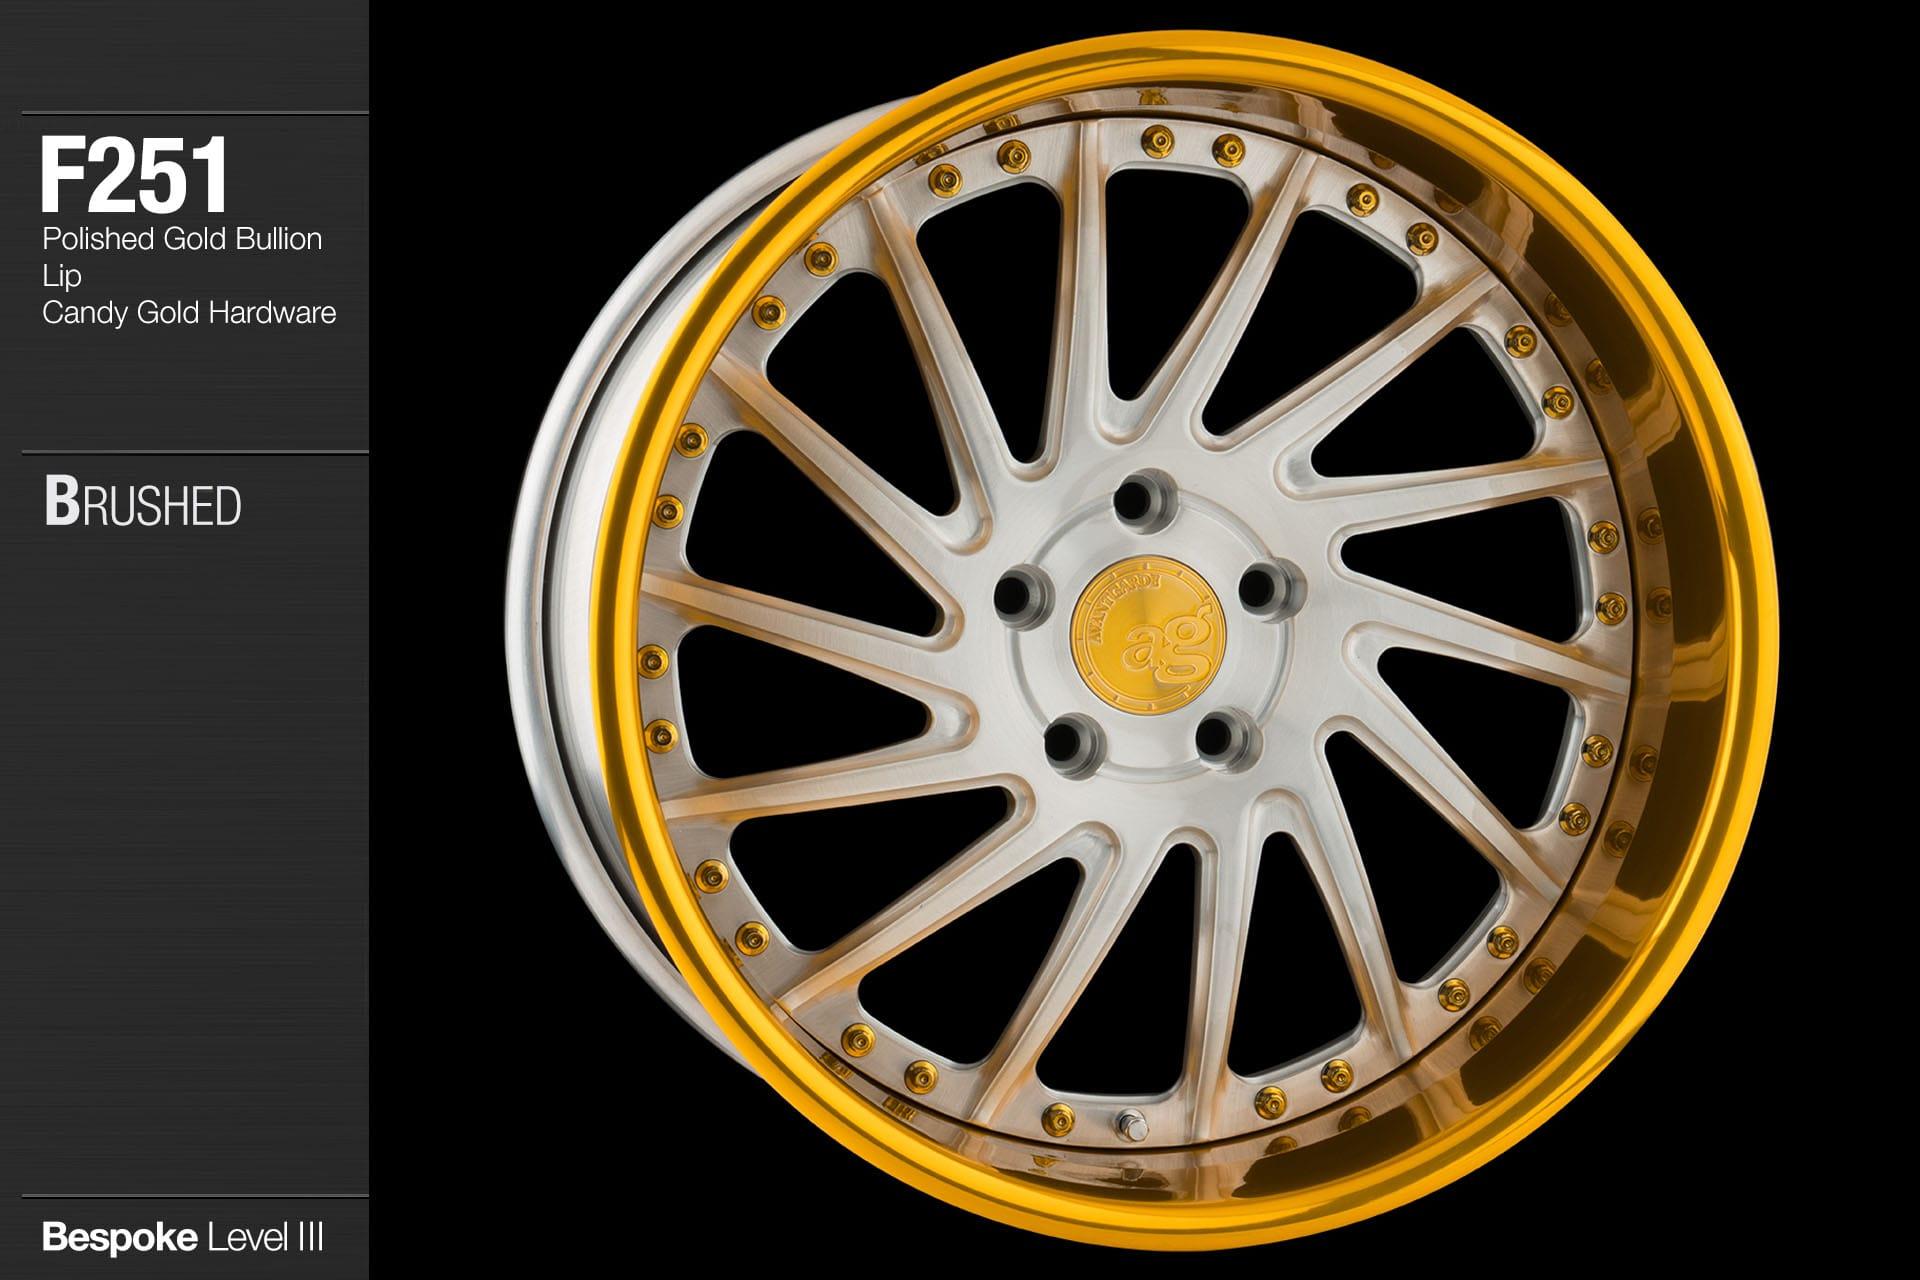 avant-garde-ag-wheels-f251-brushed-face-polished-gold-bullion-lip-candy-hardware-4-min